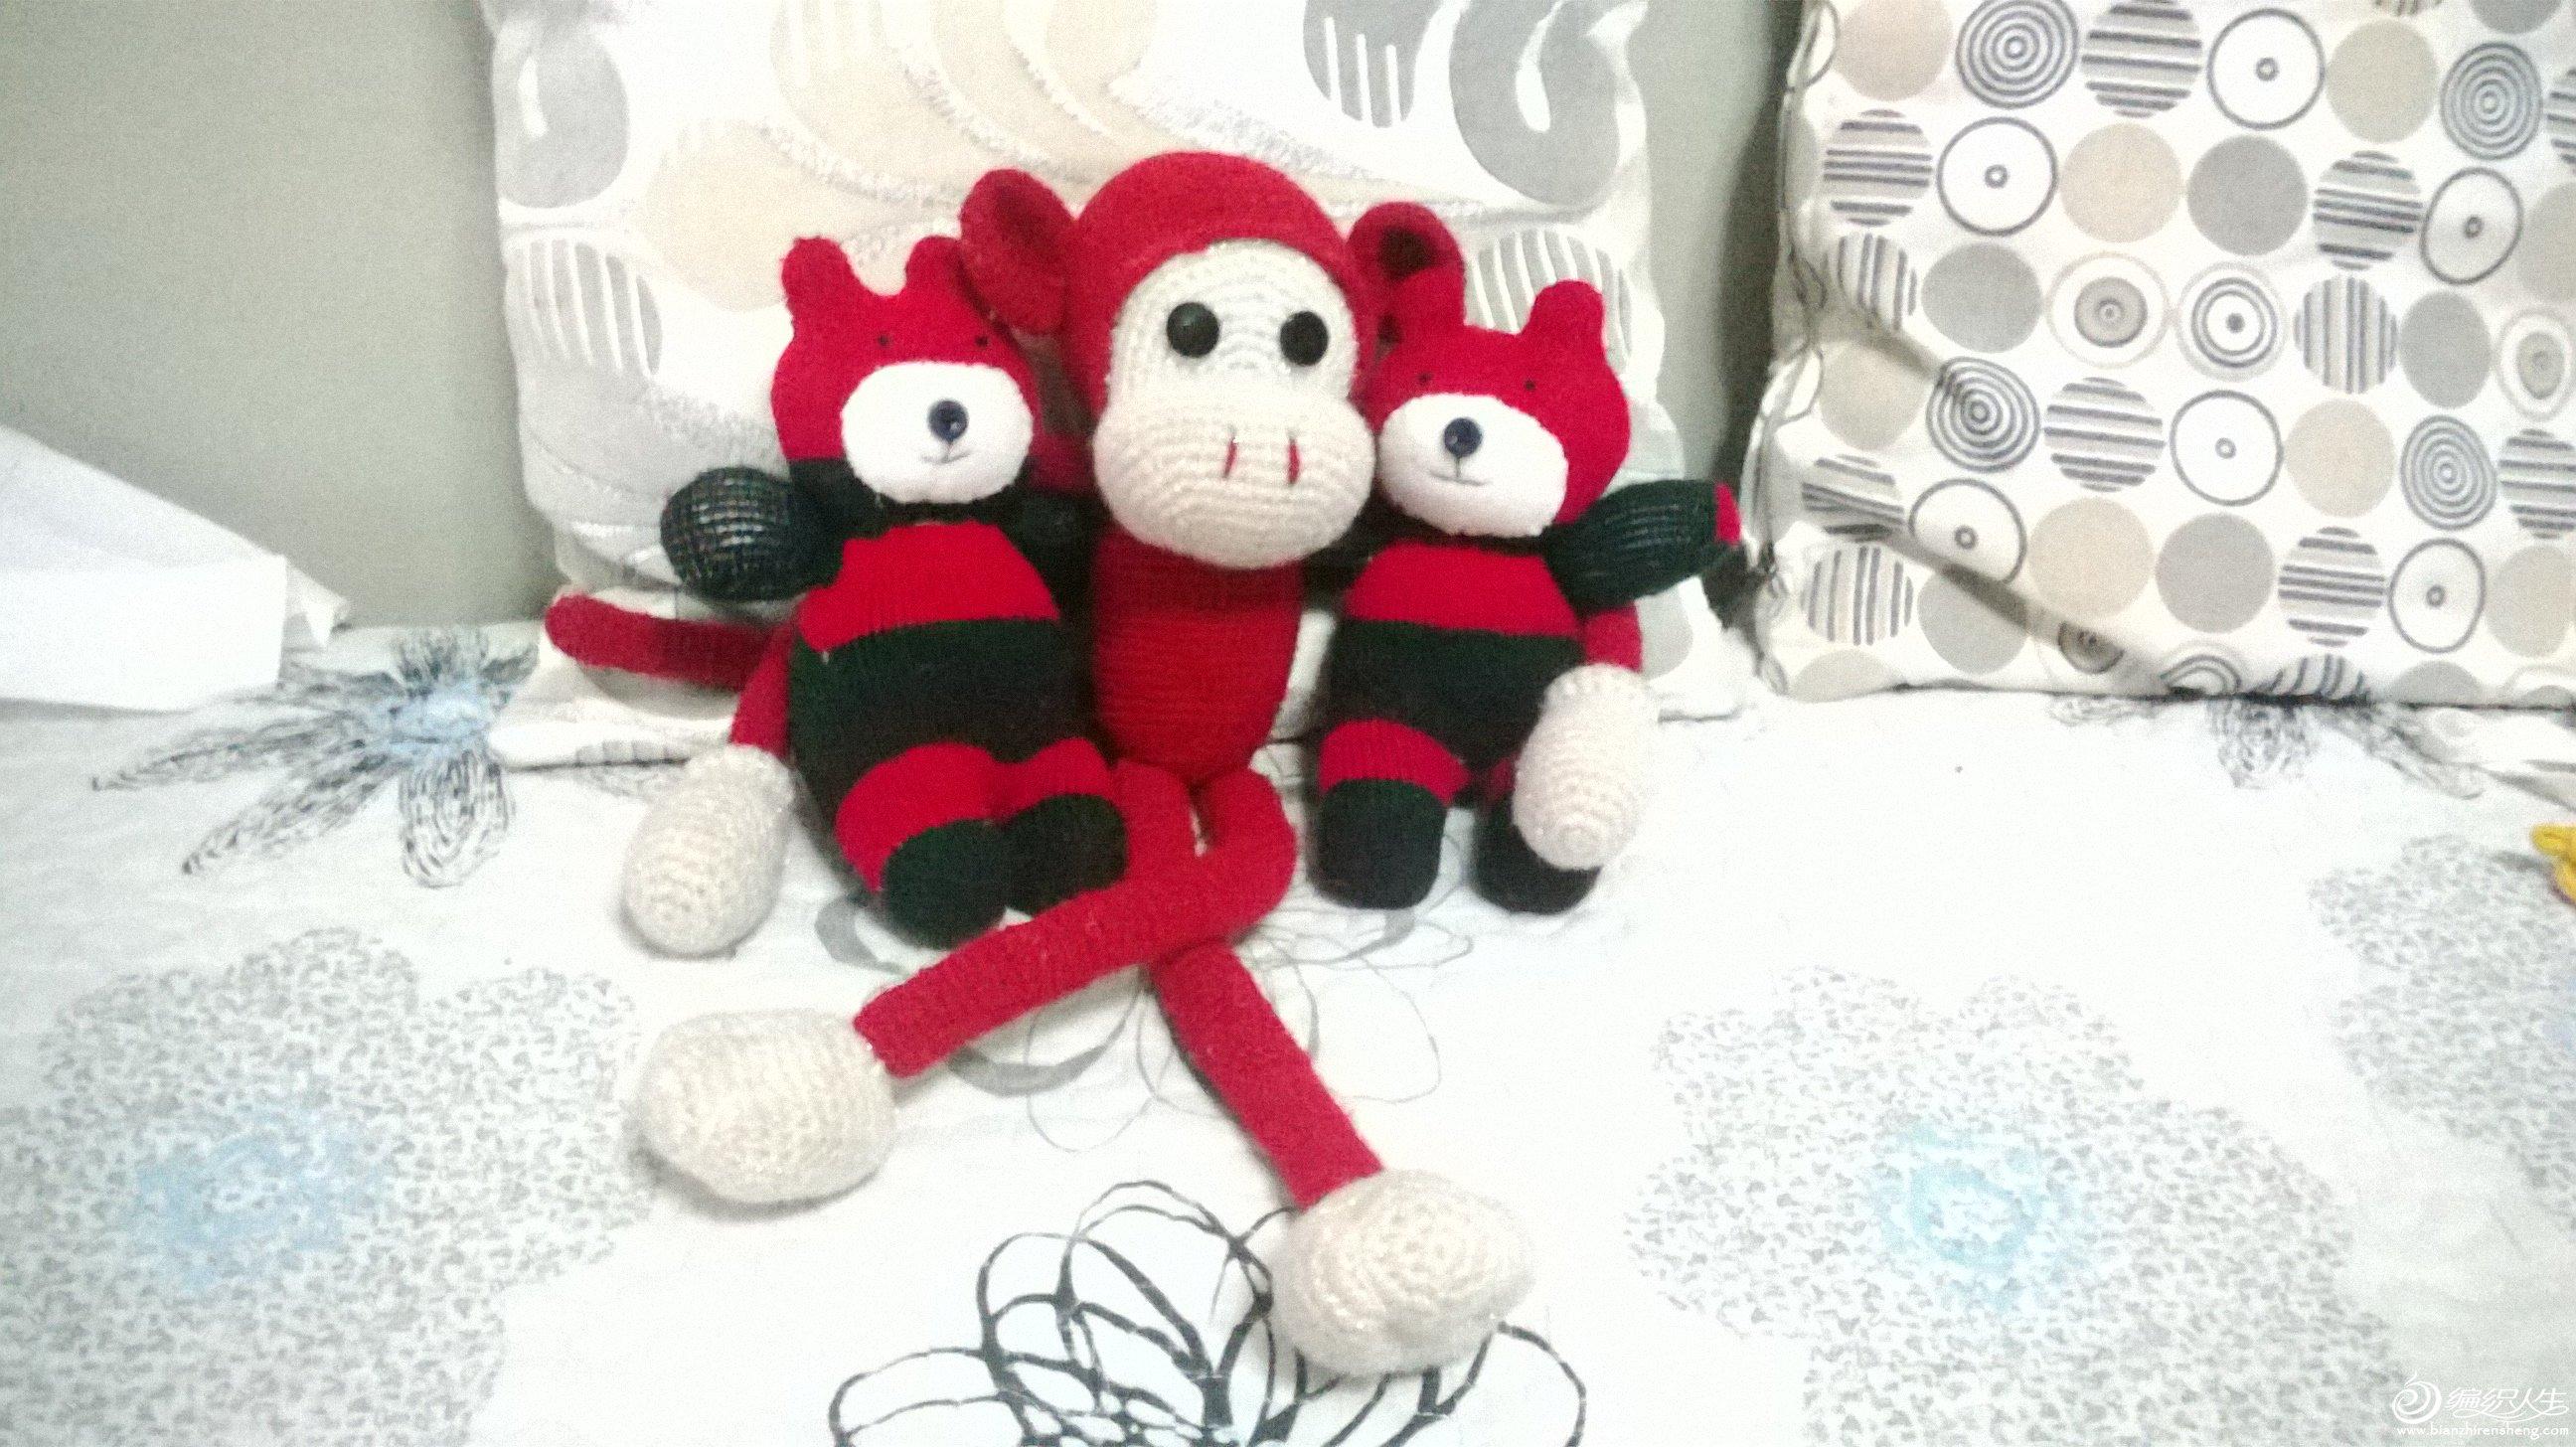 袜子娃娃和大嘴猴